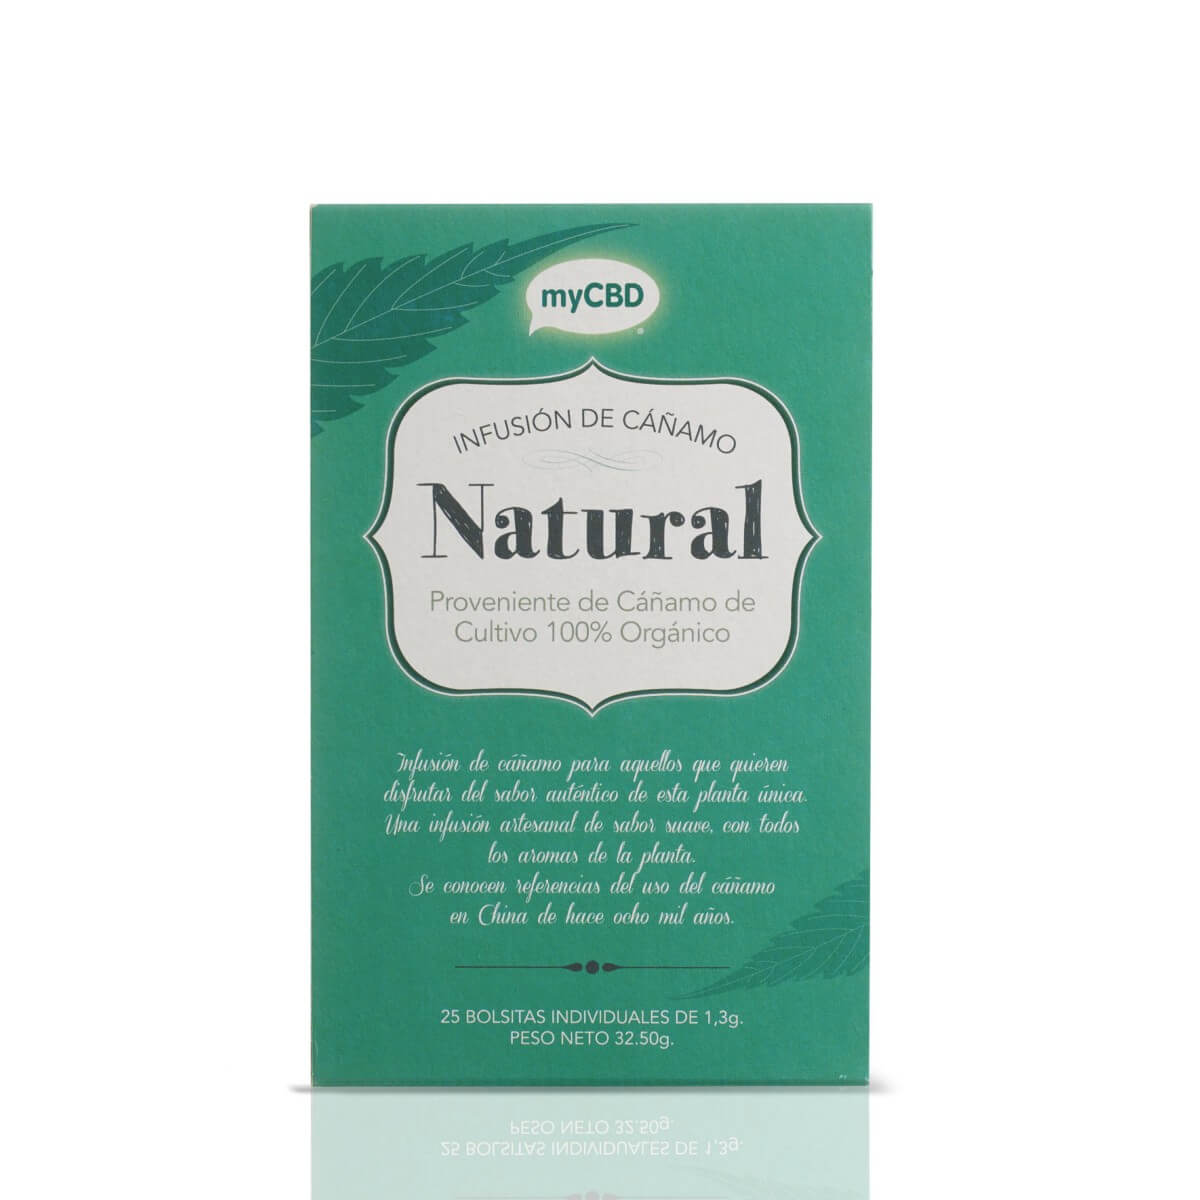 myCBD Natural